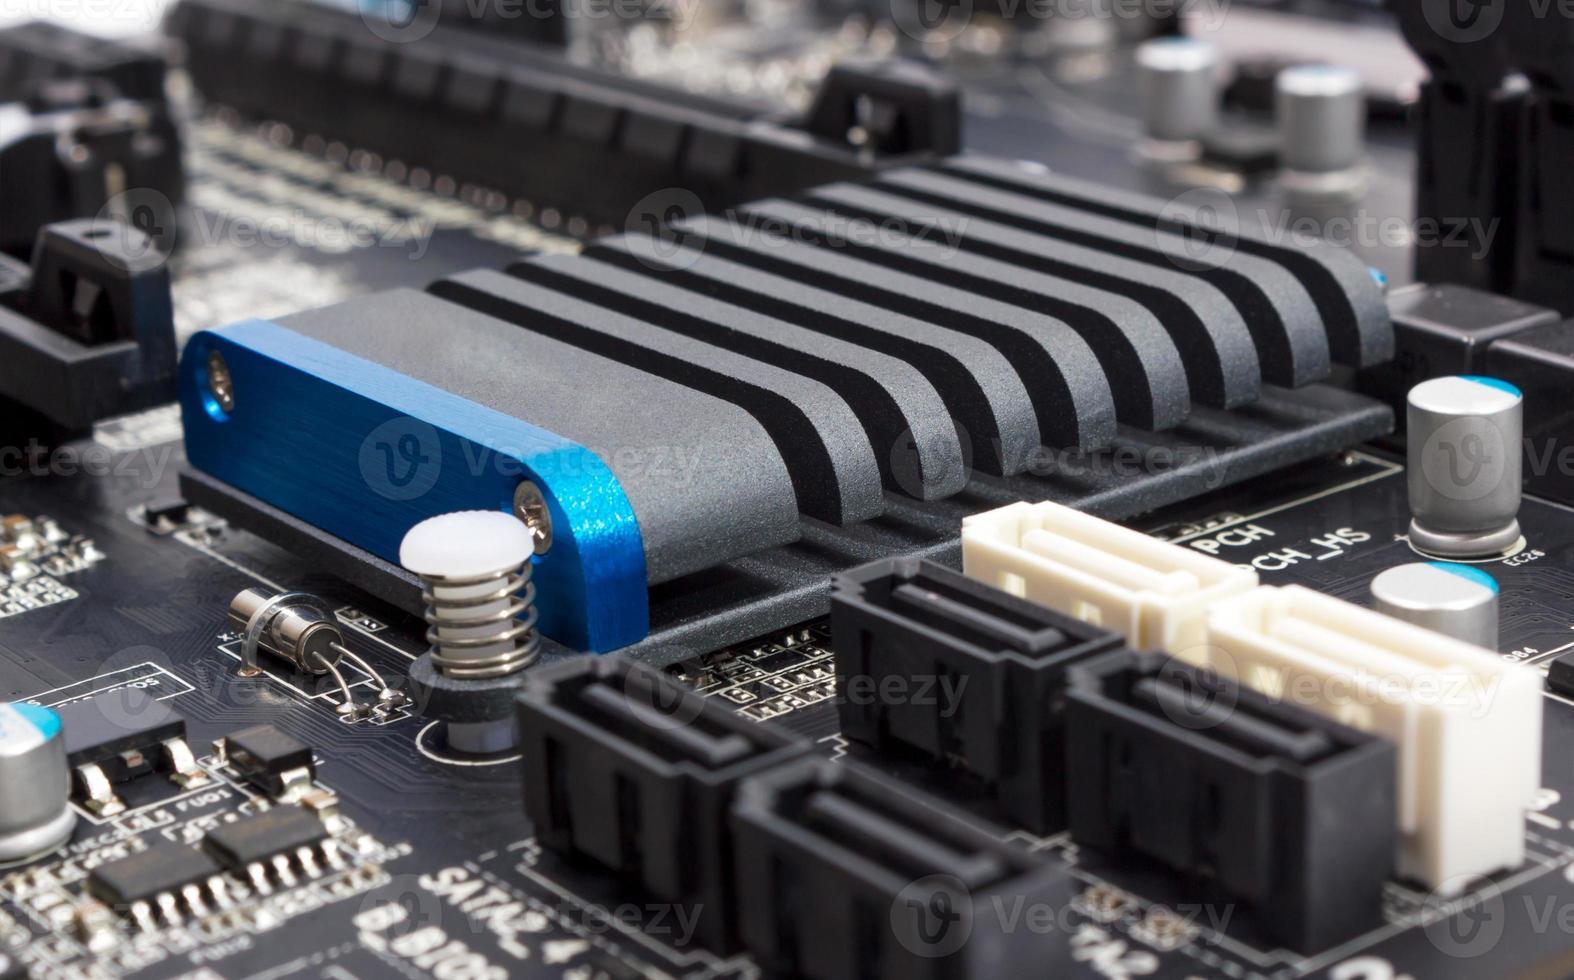 colección electrónica - componentes digitales en la placa base de la computadora foto